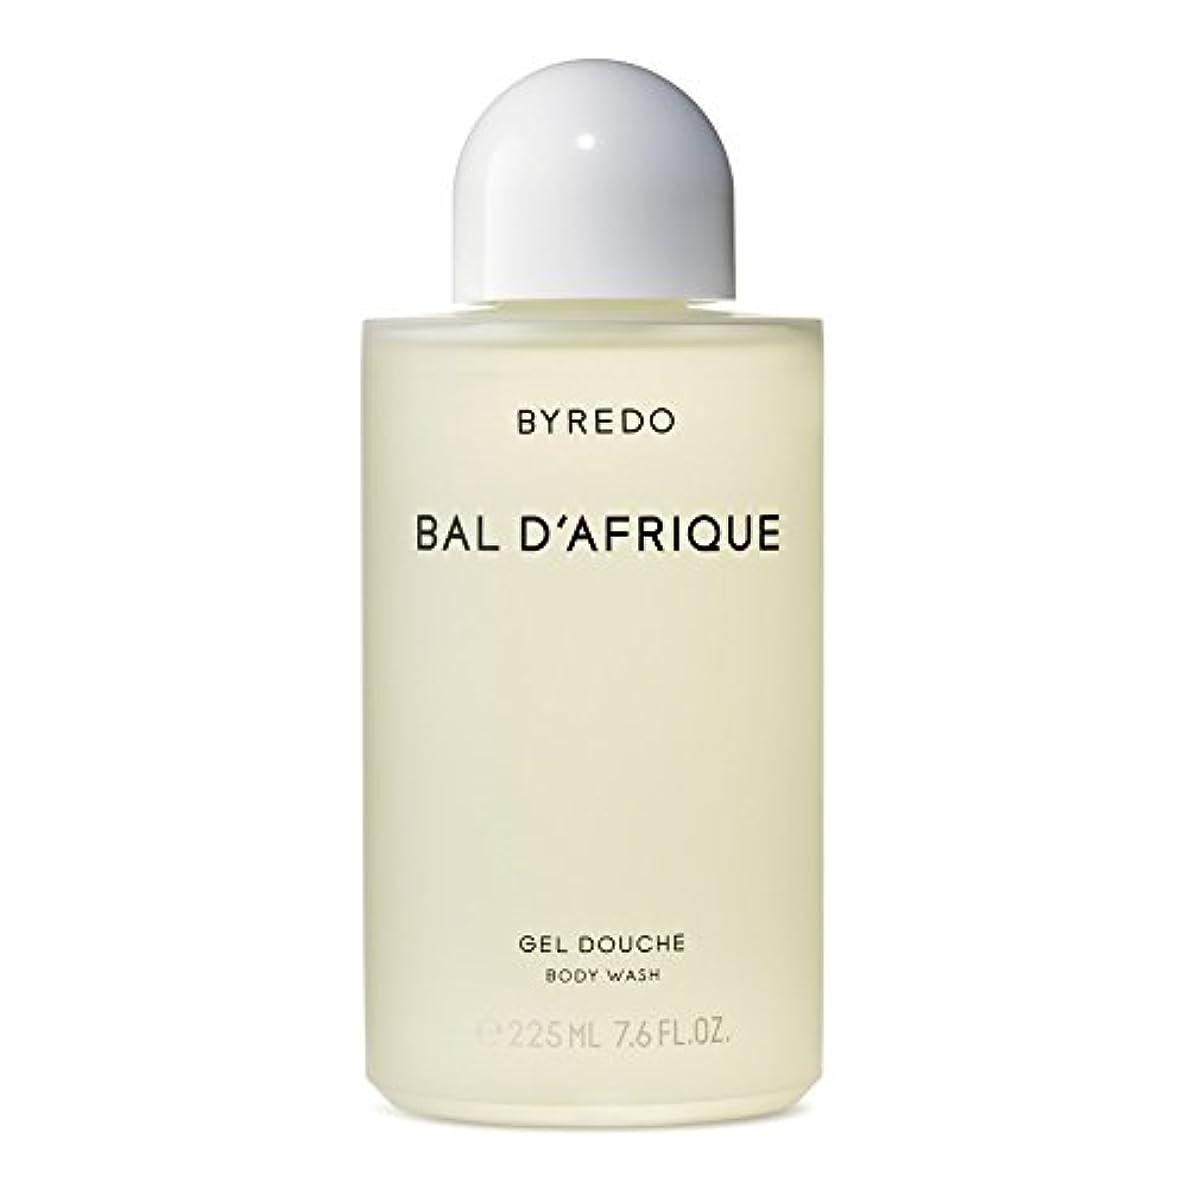 頂点不名誉なデンマークByredo Bal d'Afrique Body Wash 225ml - 'のボディウォッシュ225ミリリットル [並行輸入品]